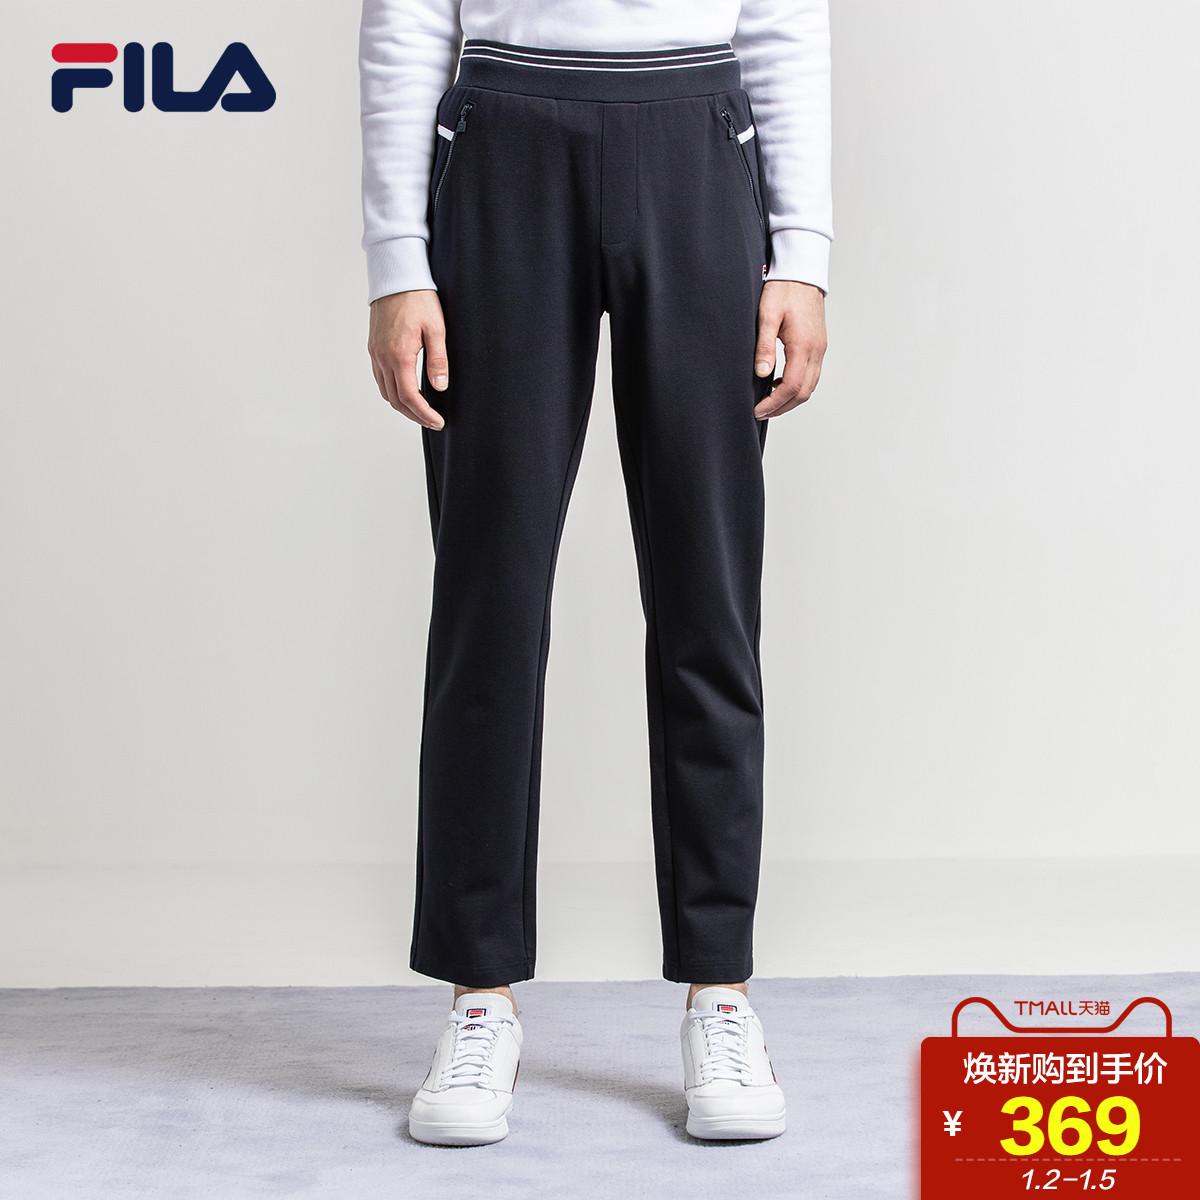 FILA斐乐男长裤2018冬季新品运动休闲裤街头潮范针织长裤男裤子